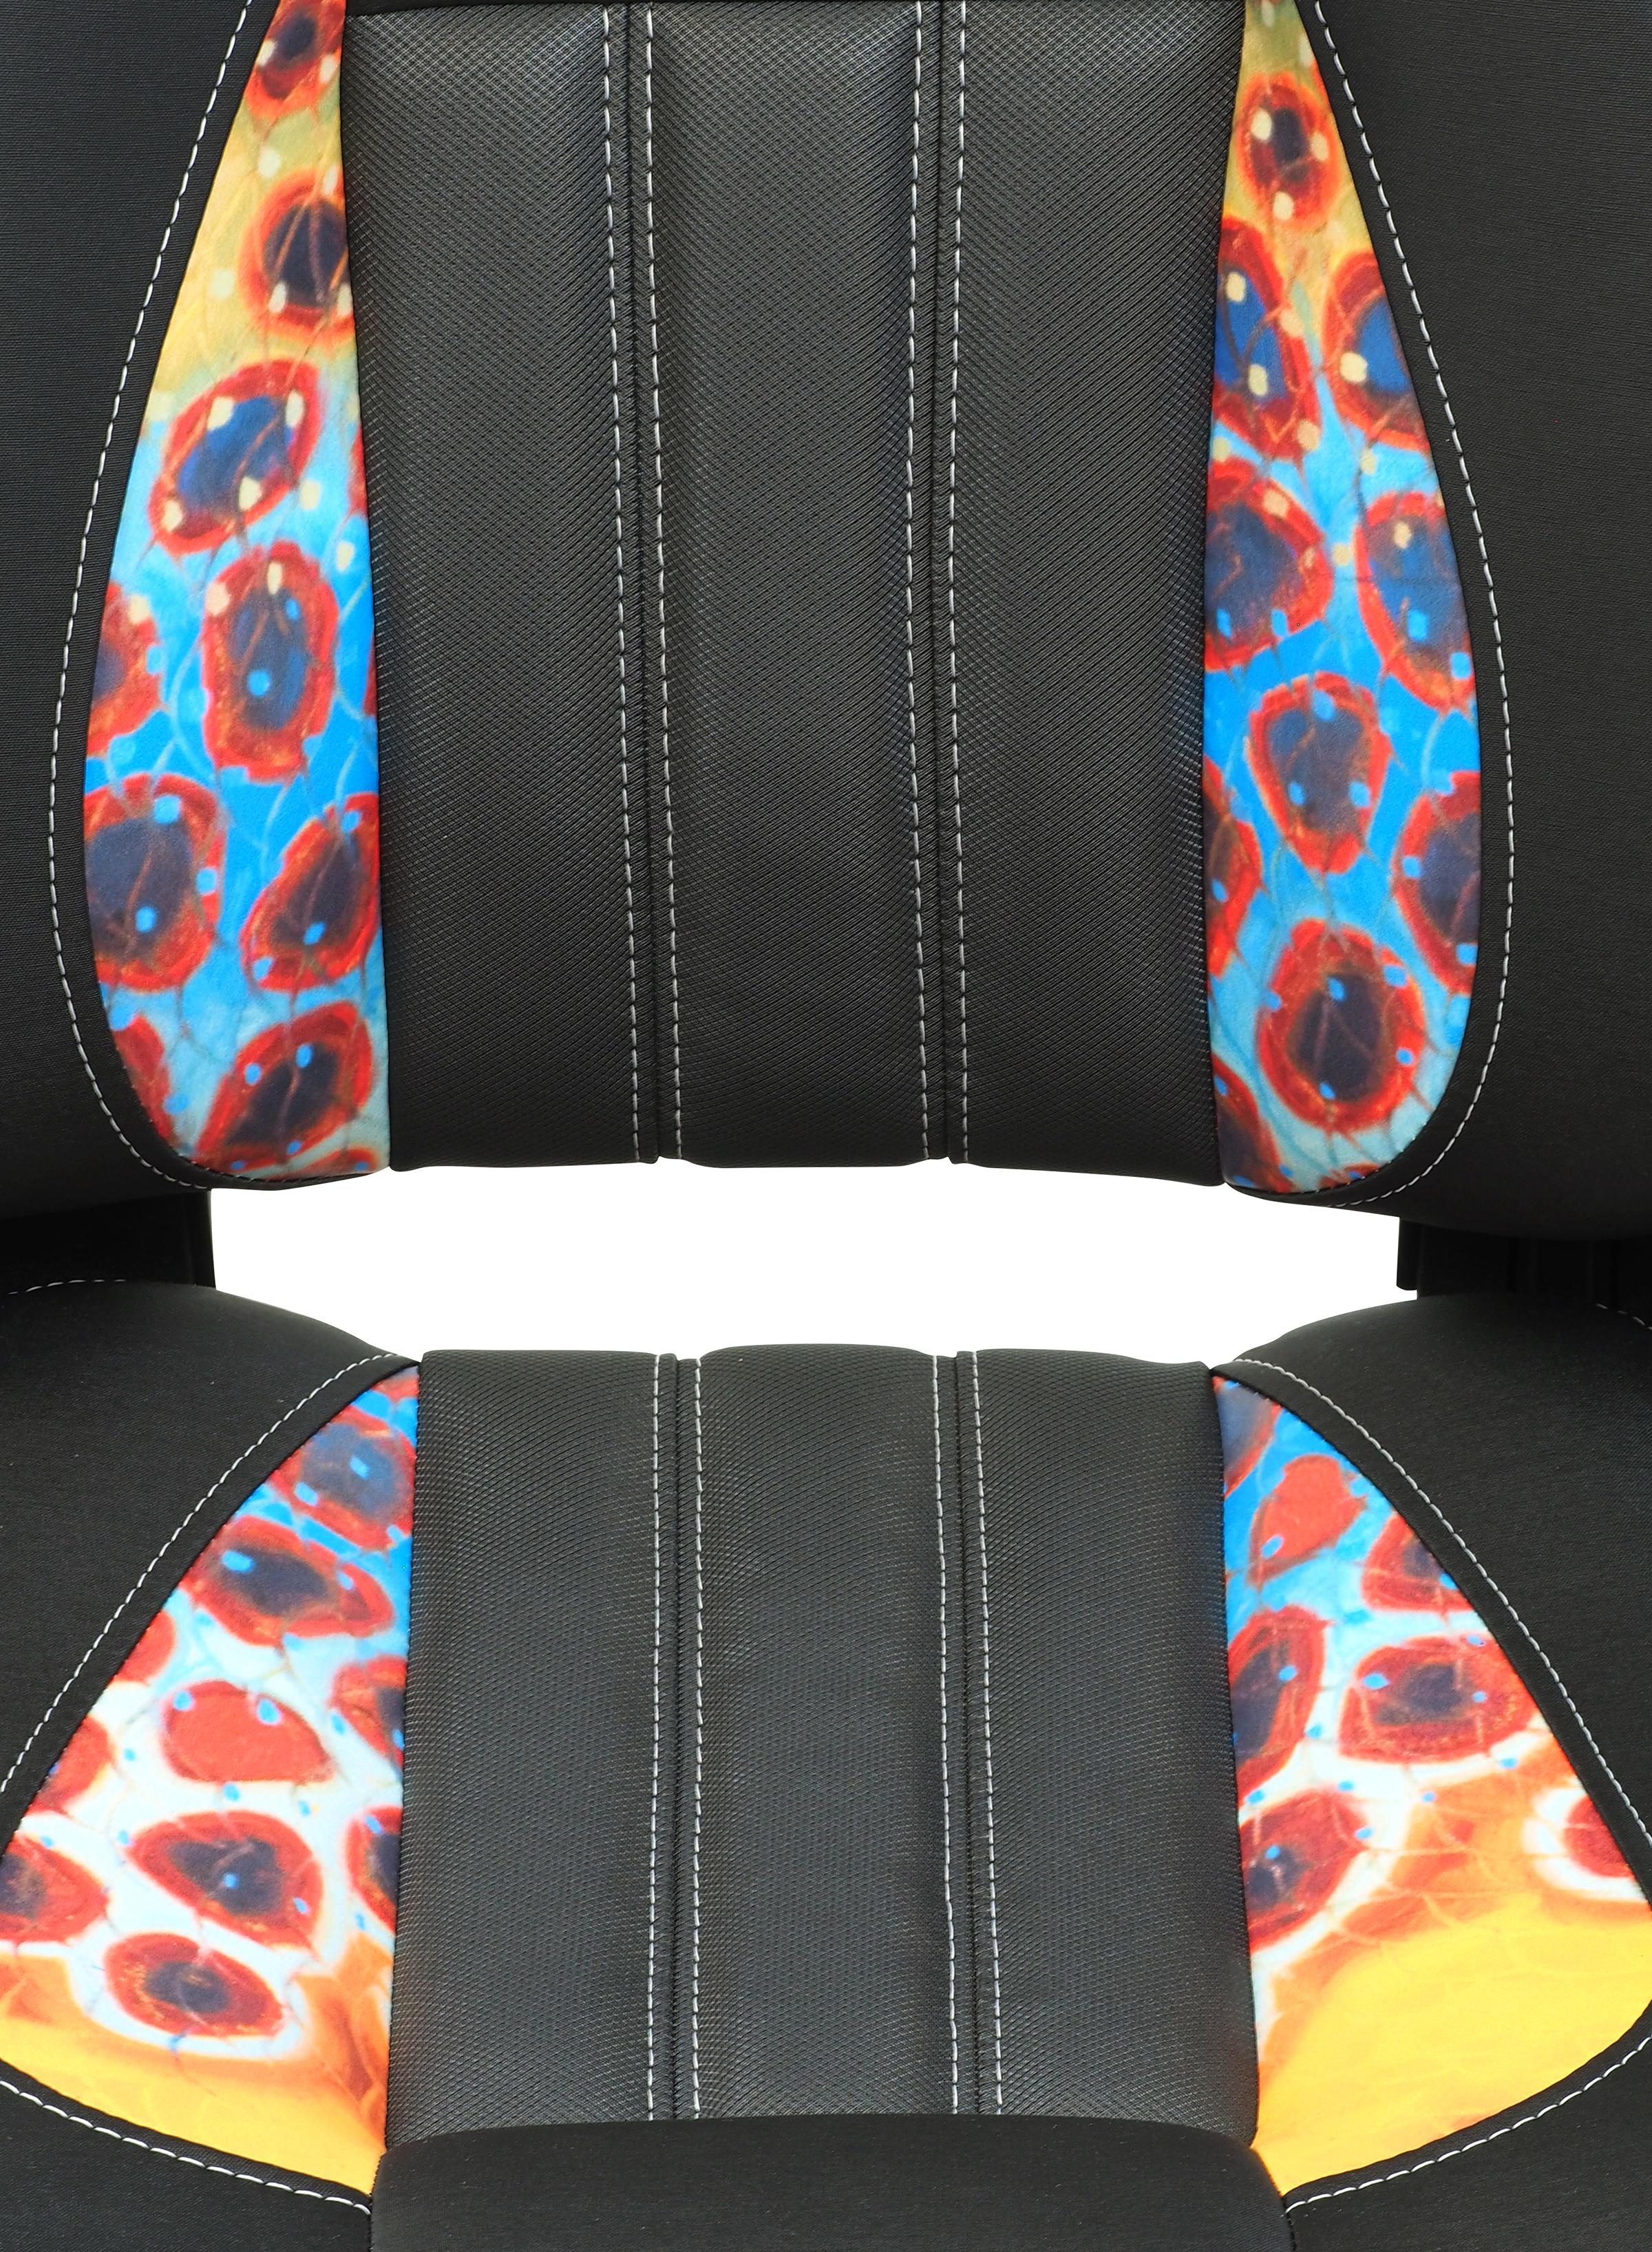 ProBax Orthopedic Artist Series